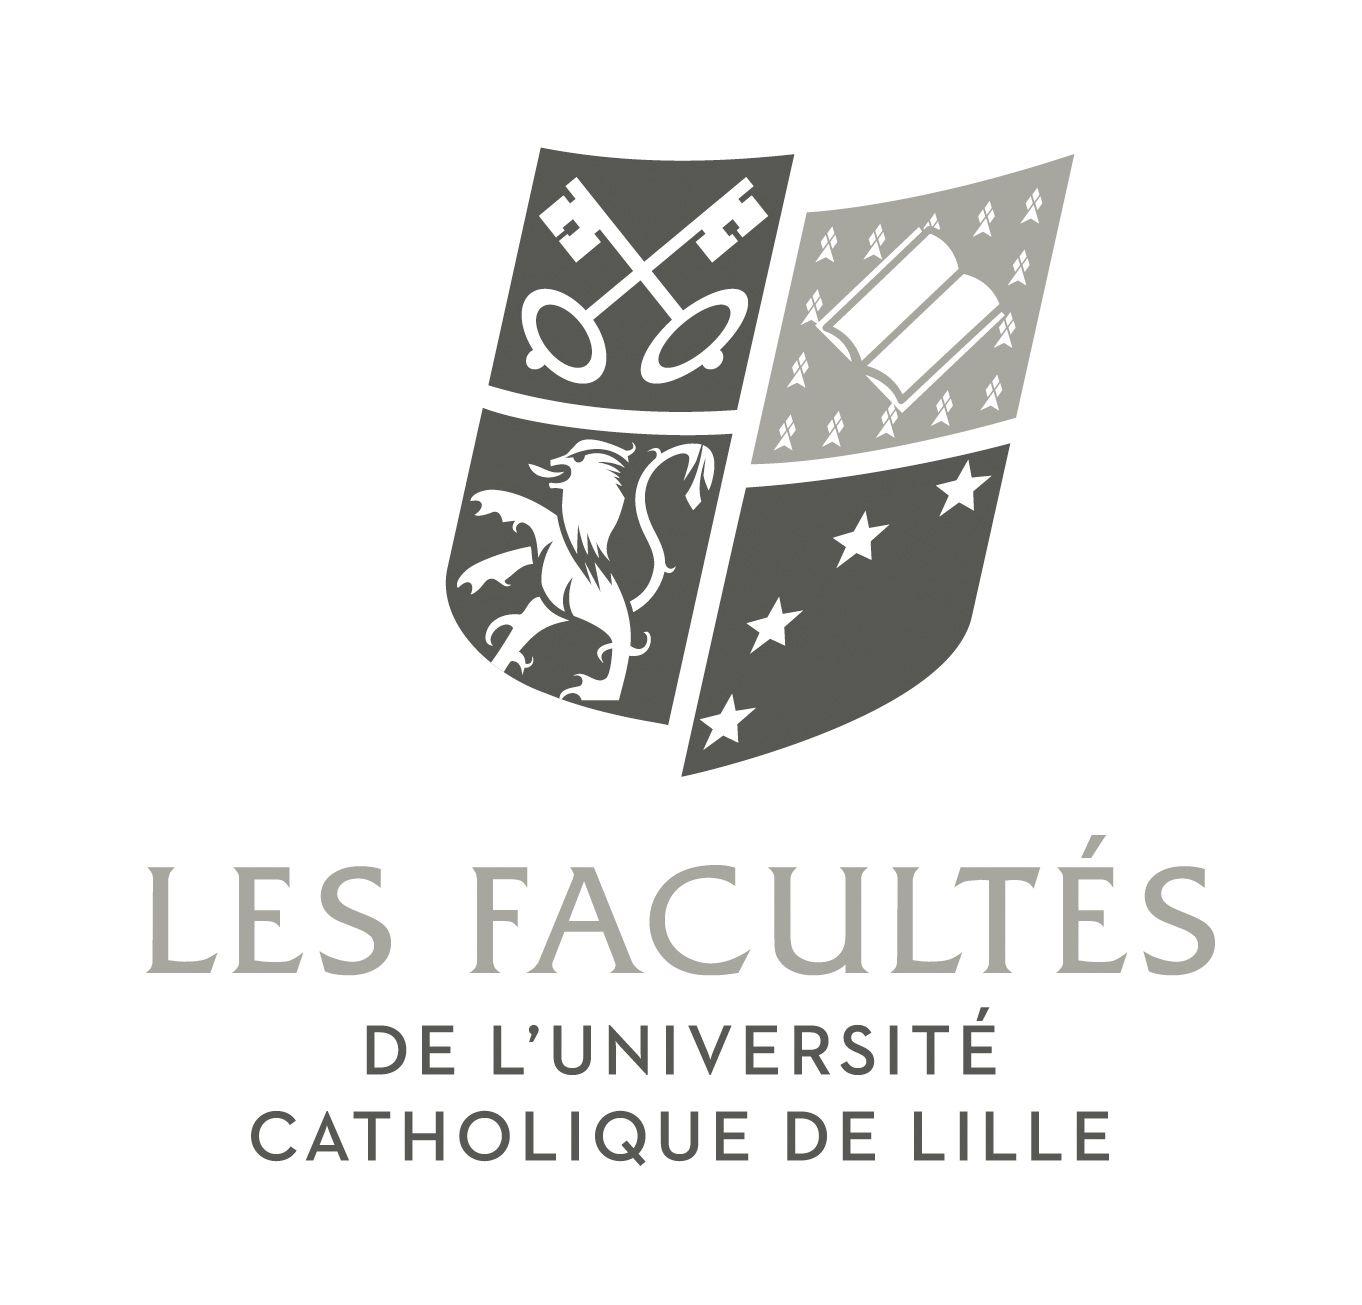 LES FACULTES DE L'UNIVERSITE CATHOLIQUE DE LILLE